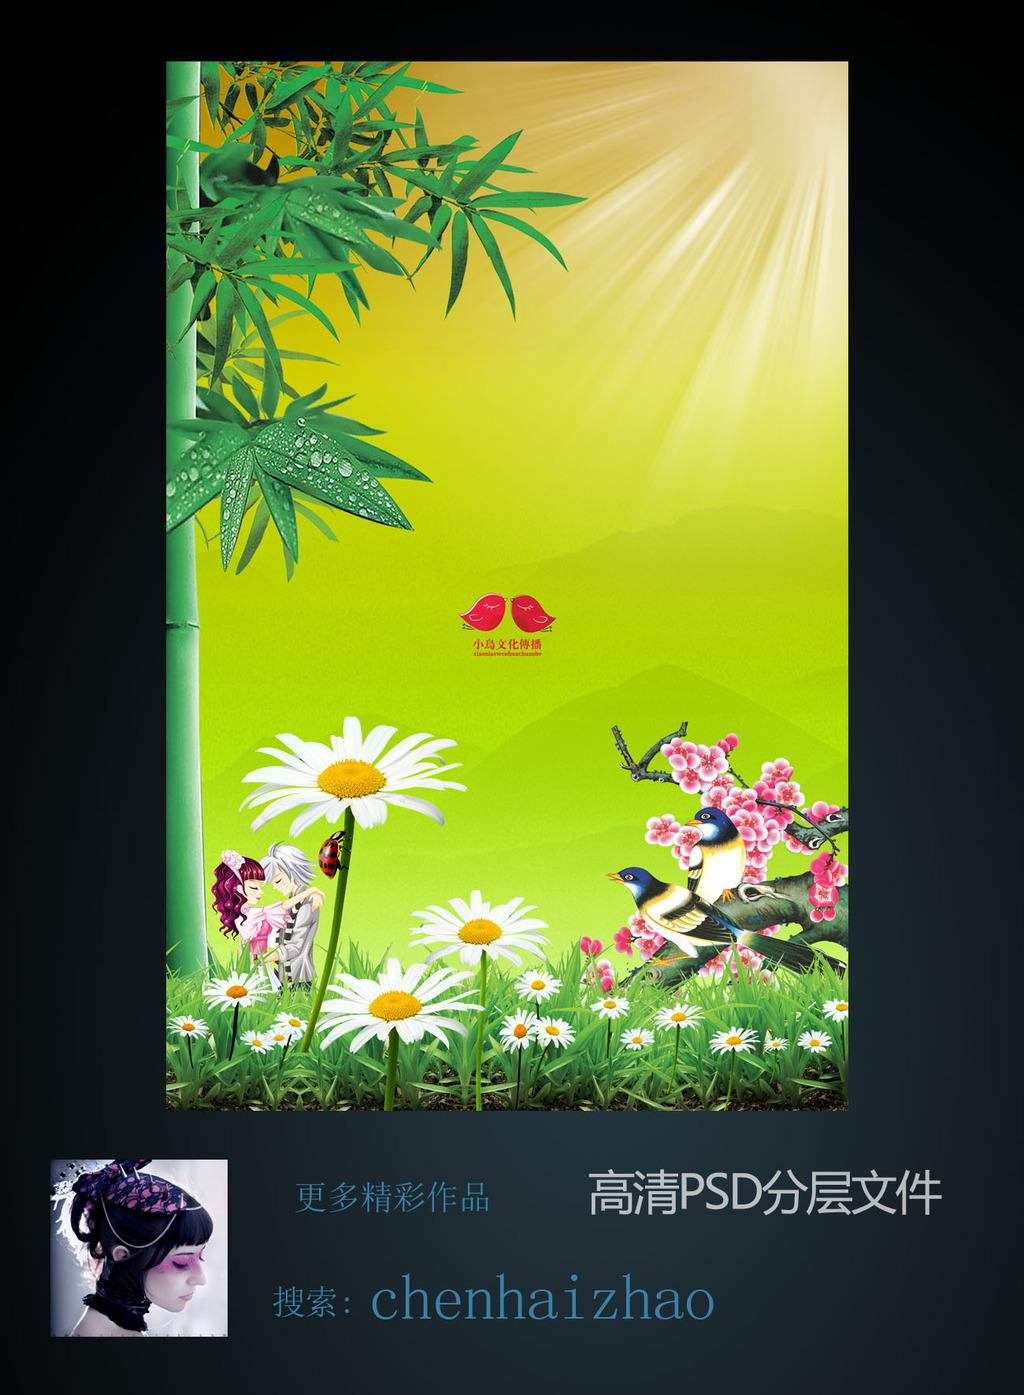 菊花竹叶背景海报展板